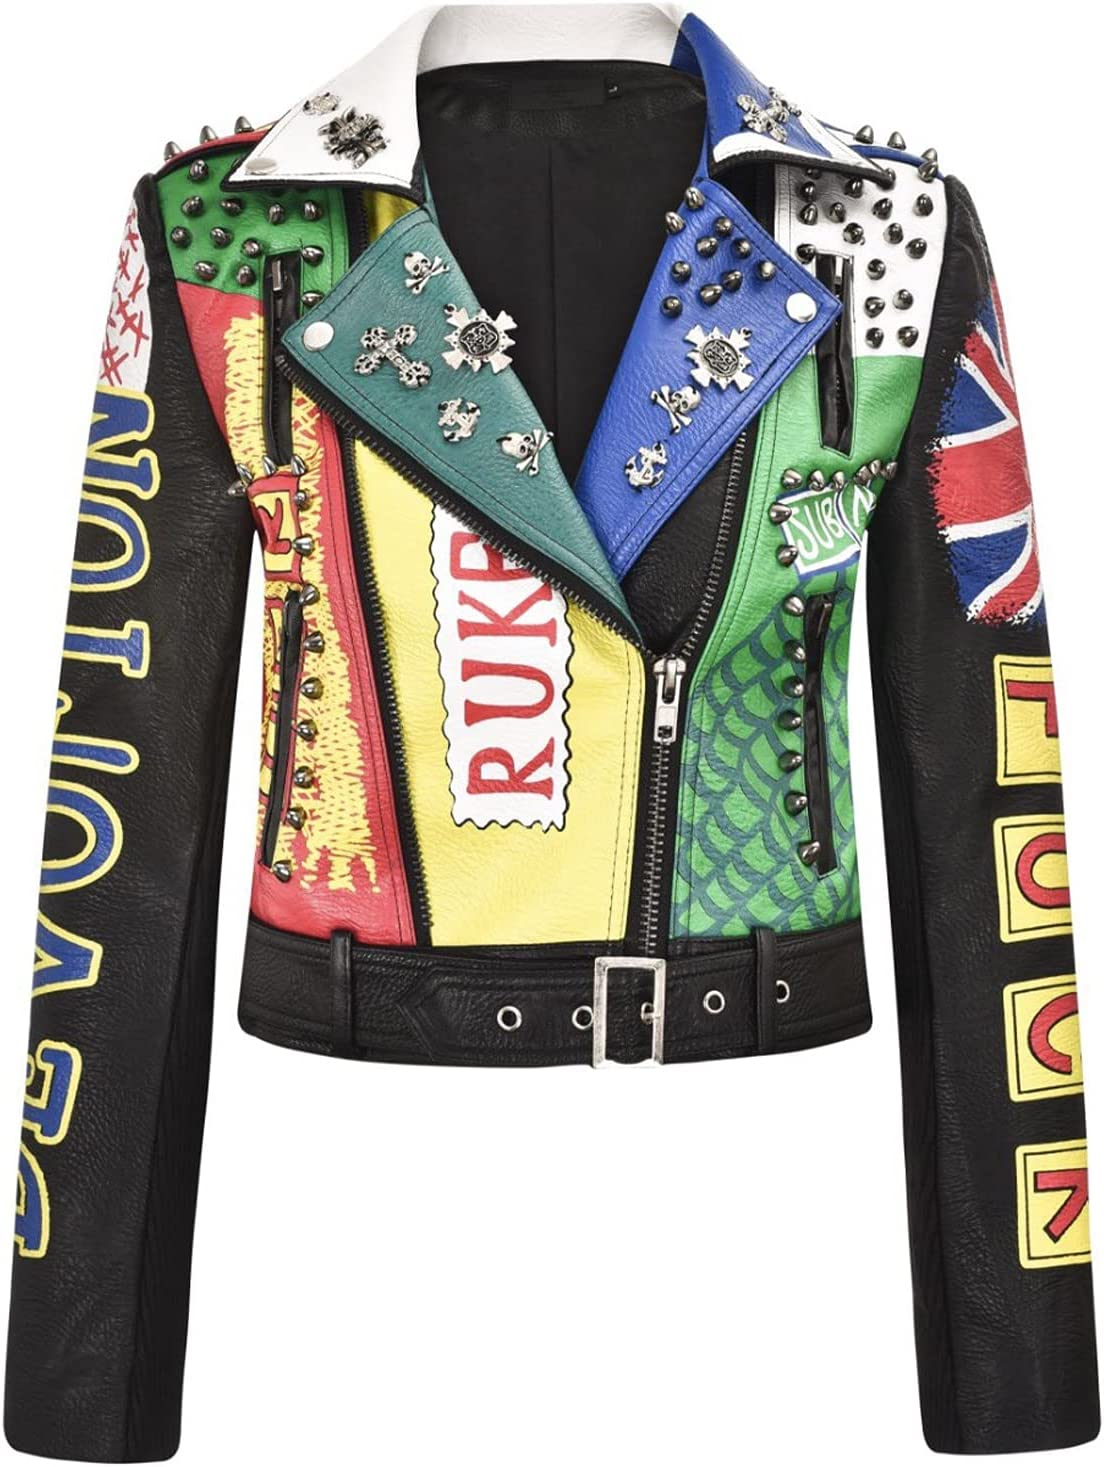 YHNY Women's Faux Leather Jacket Zipper Rivet Rock Punk Short PU Motorcycle Biker Slim Coat Black-XL